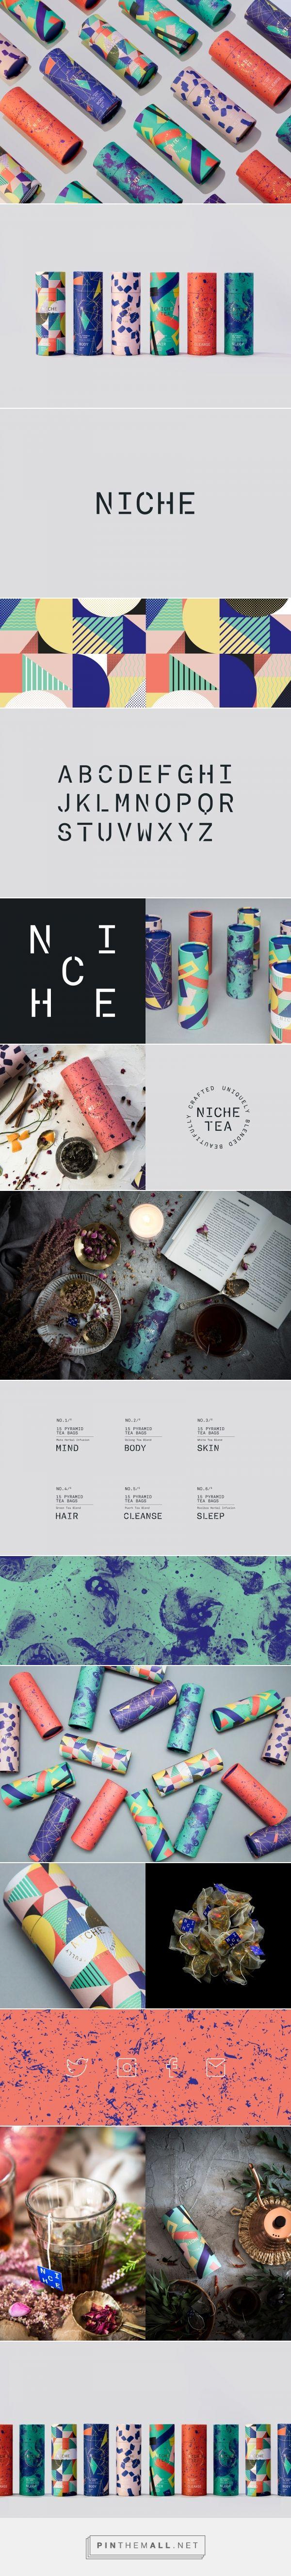 Niche Tea packaging design by IWANT design - http://www.packagingoftheworld.com/2017/03/niche-tea.html